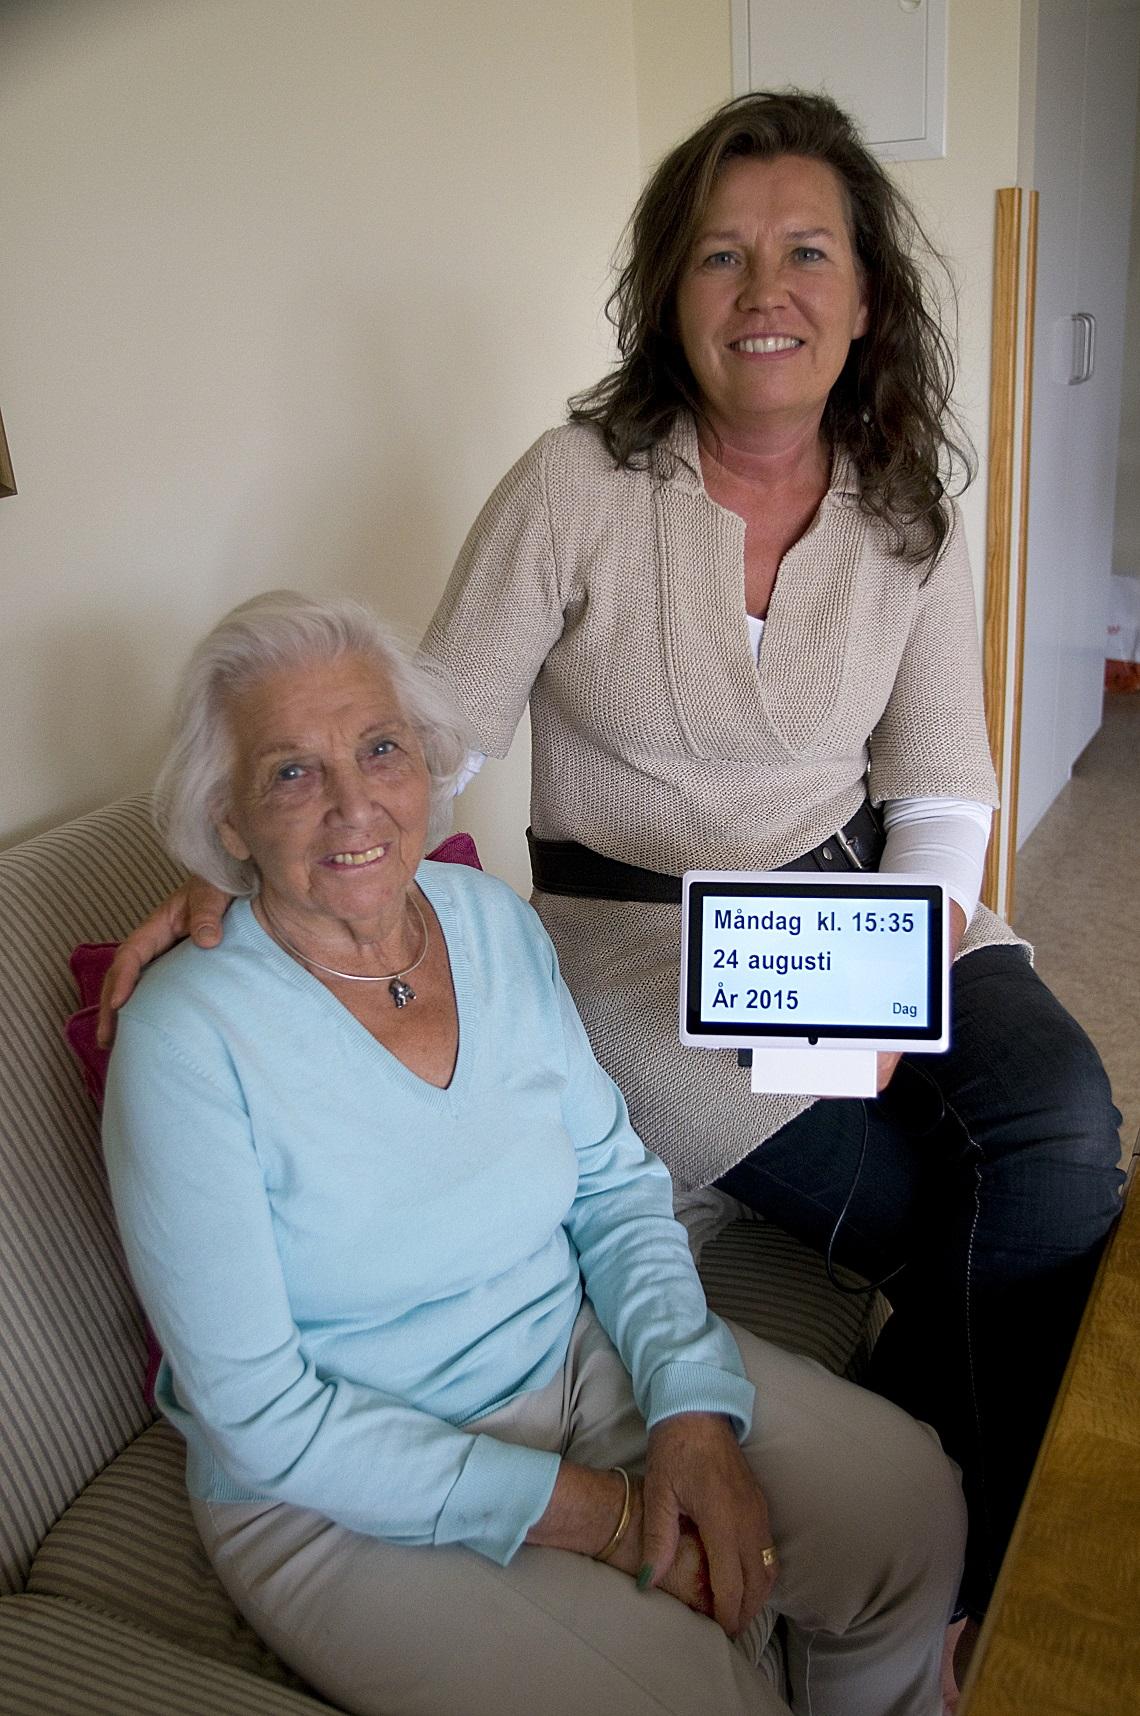 Kerstin Ahlmér og hendes mor Anna